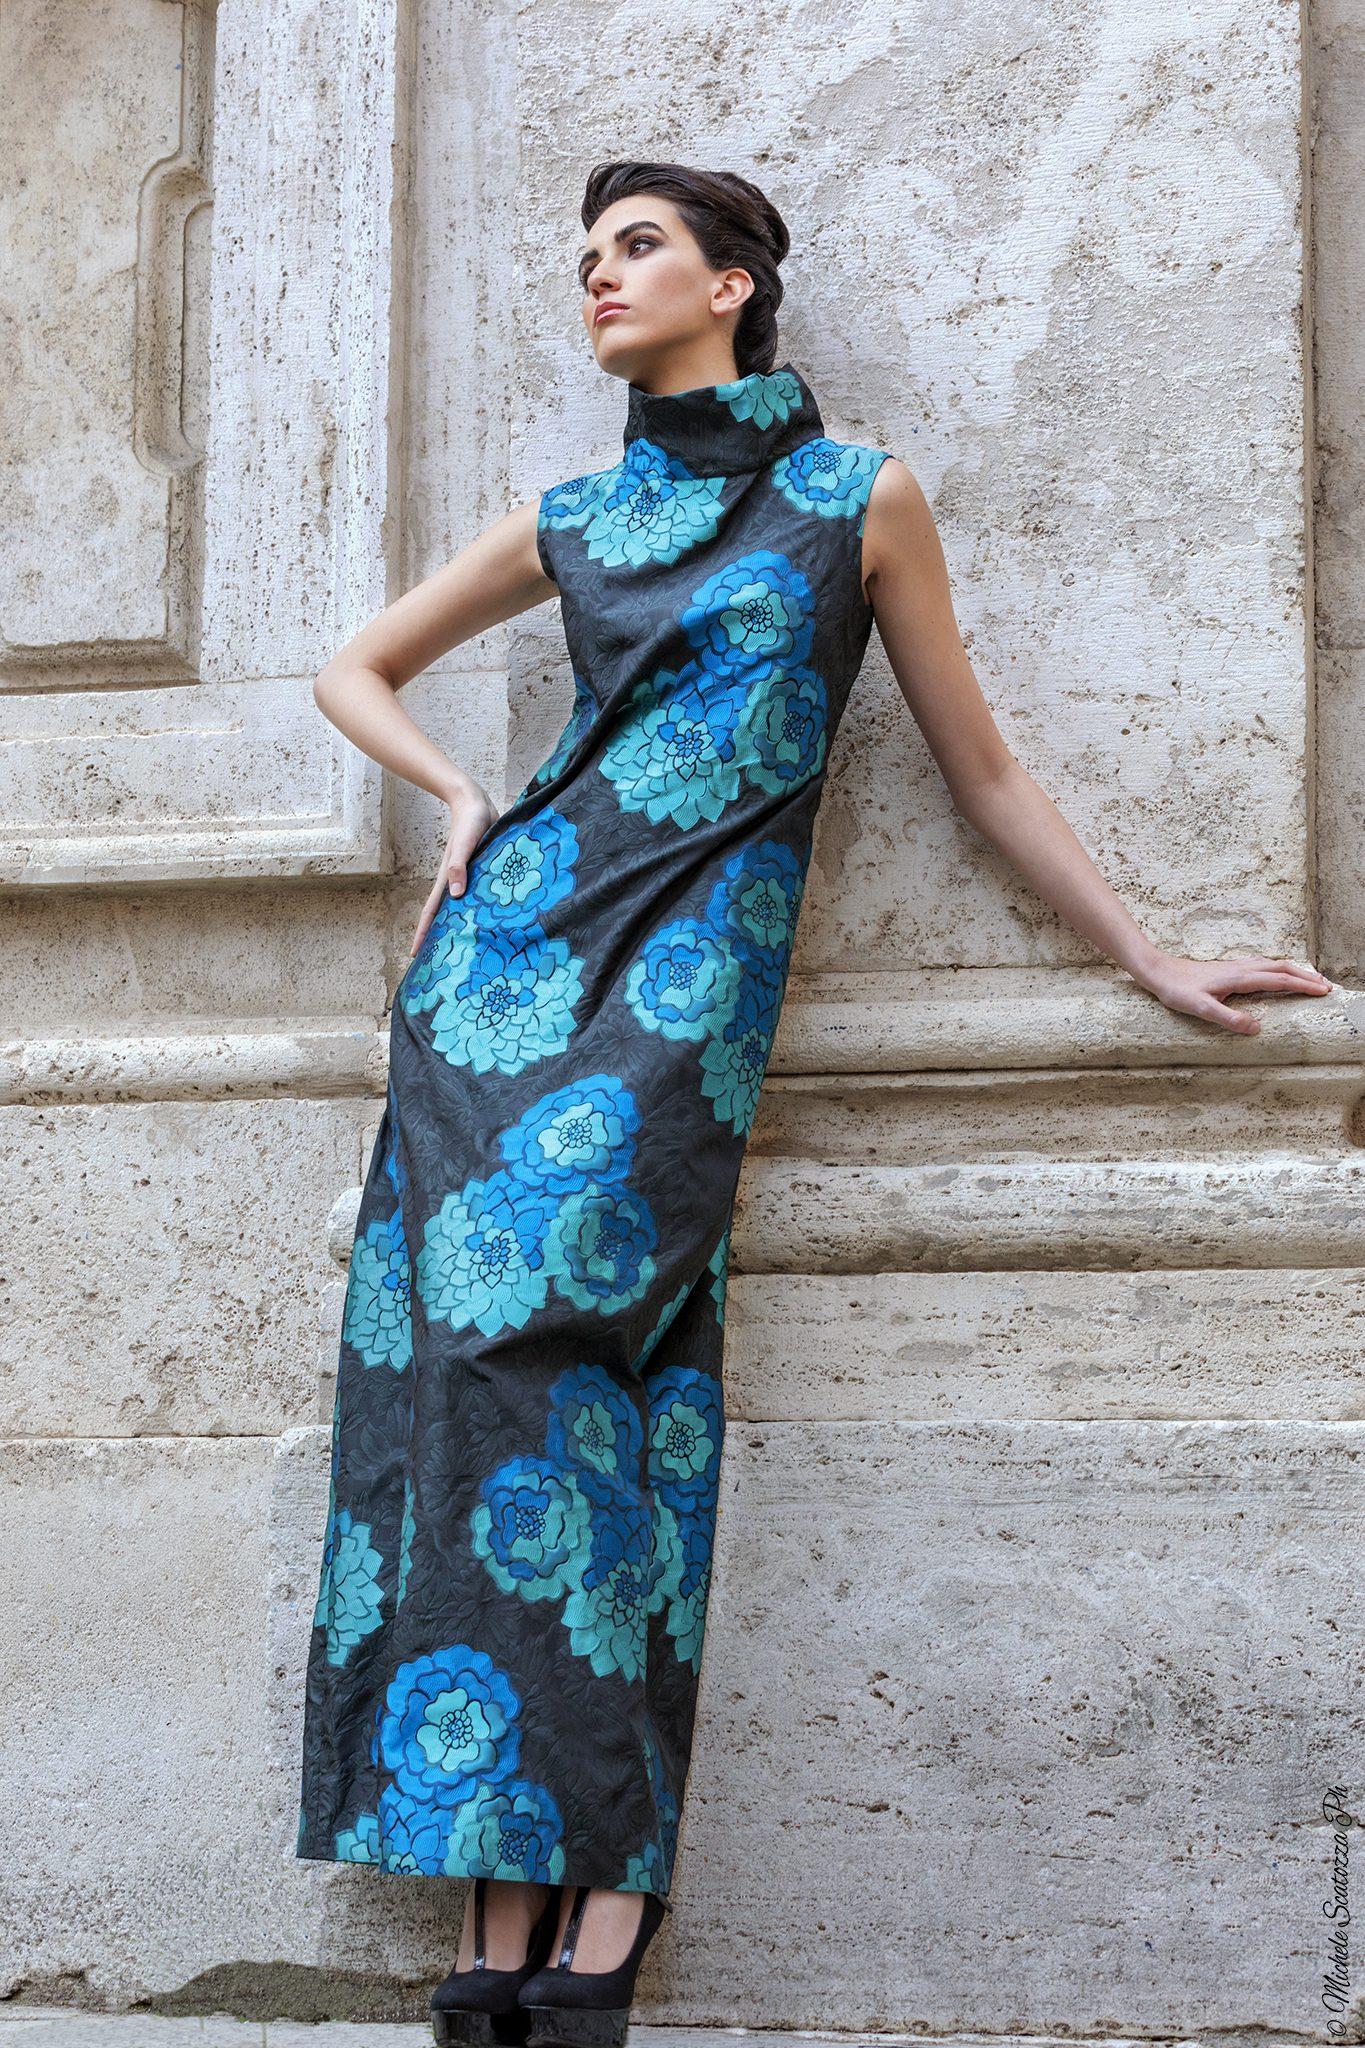 VENUS Gallery - Michele Scatozza